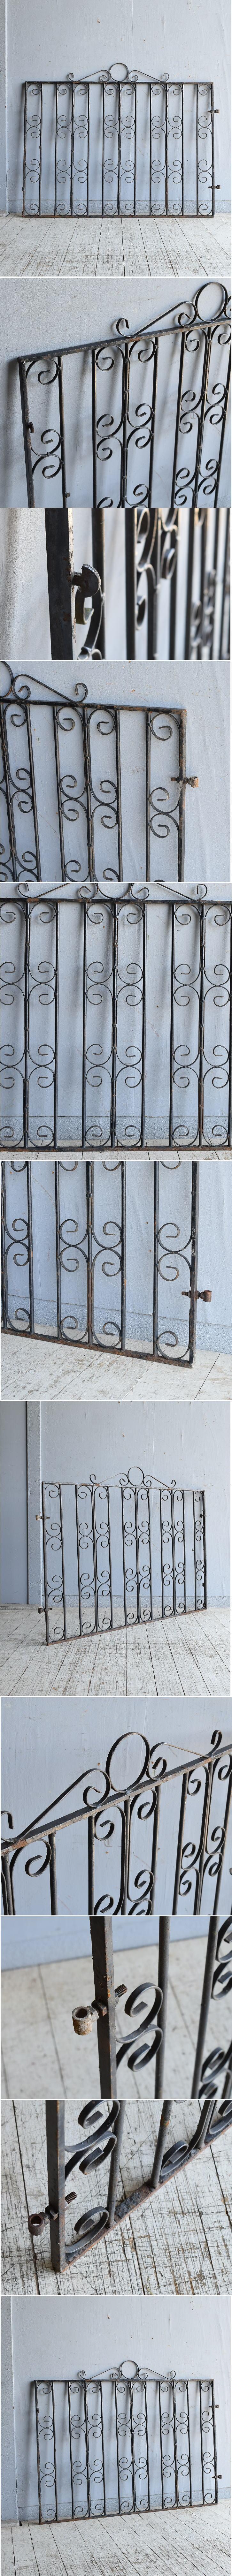 イギリスアンティーク アイアンフェンス ゲート柵 ガーデニング 8643